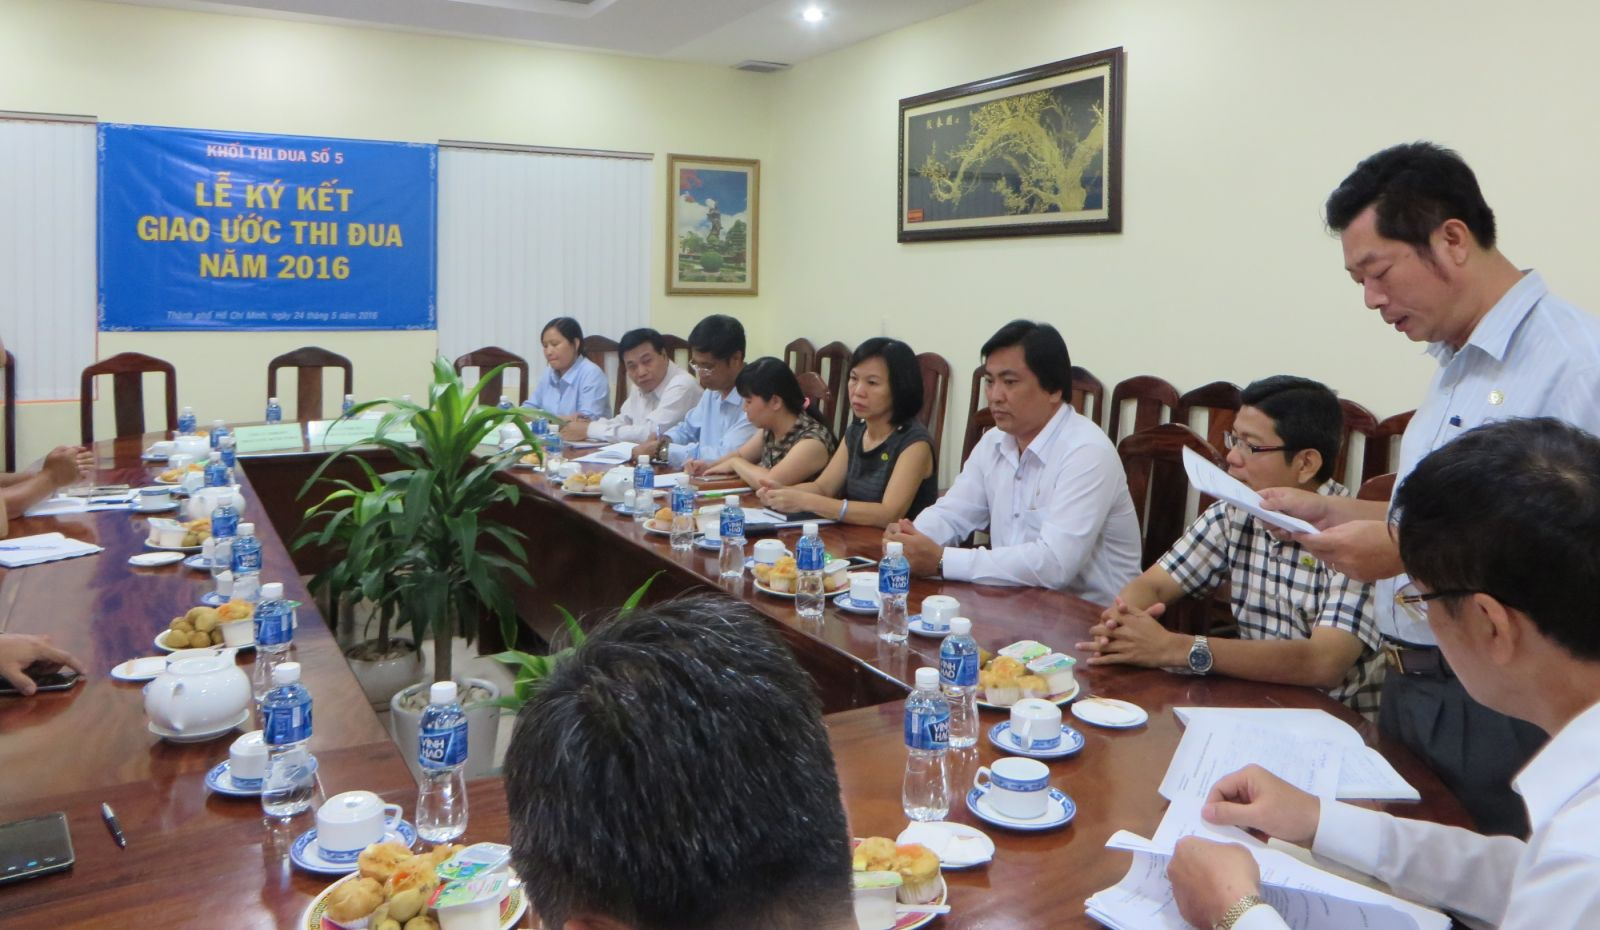 Ông Nguyễn Doãn Hải, Trưởng phòng Tổ chức hành chính Công ty TNHH MTV Công viên Cây xanh TP.HCM giới thiệu nội dung buổi lễ ký kết